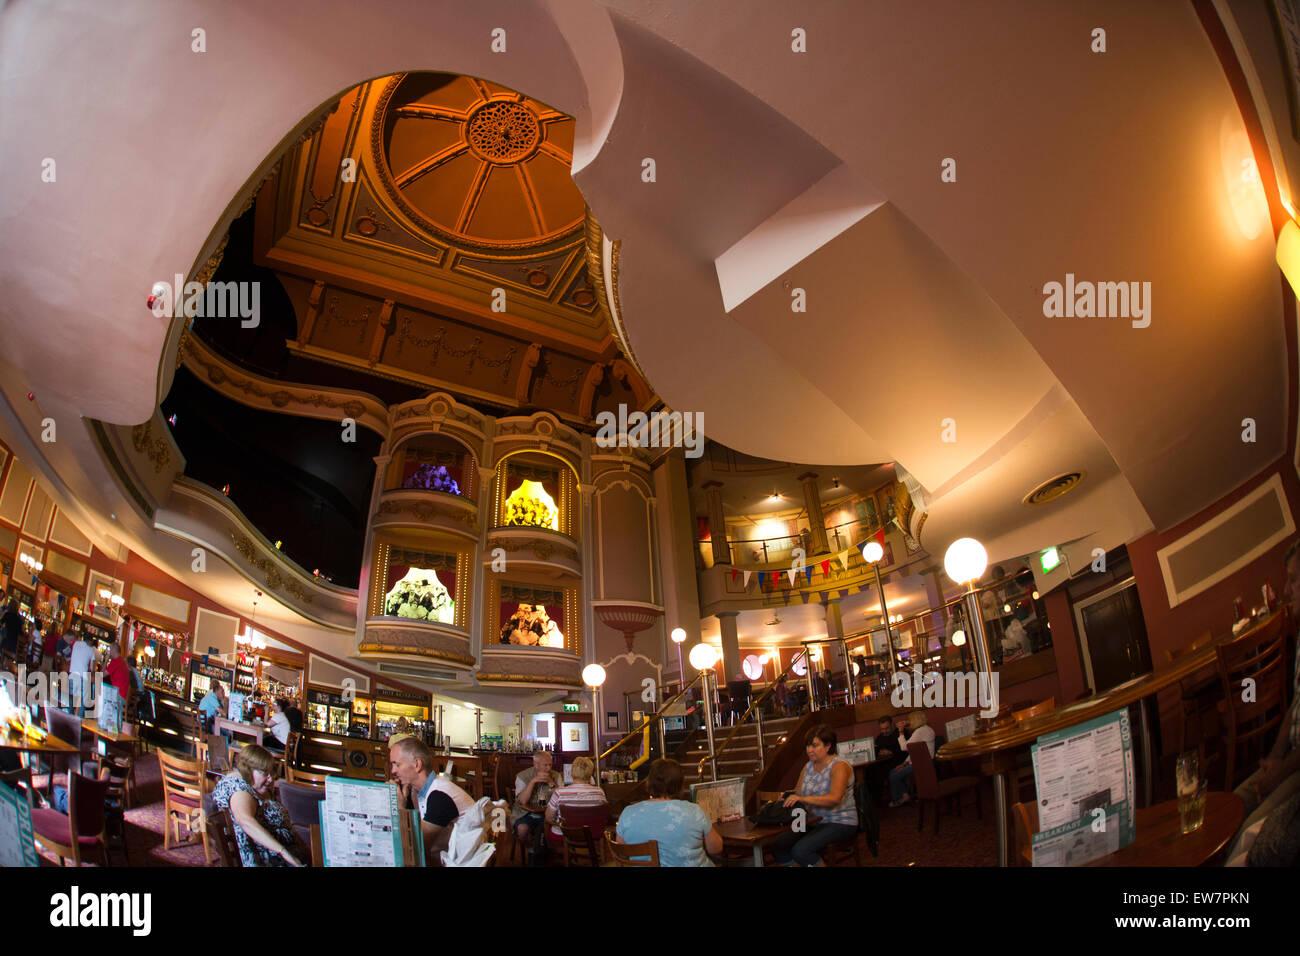 UK, Wales, Conwy, Llandudno, Gloddaeth Street, Wetherspoon's Palladium pub in former cinema, interior - Stock Image